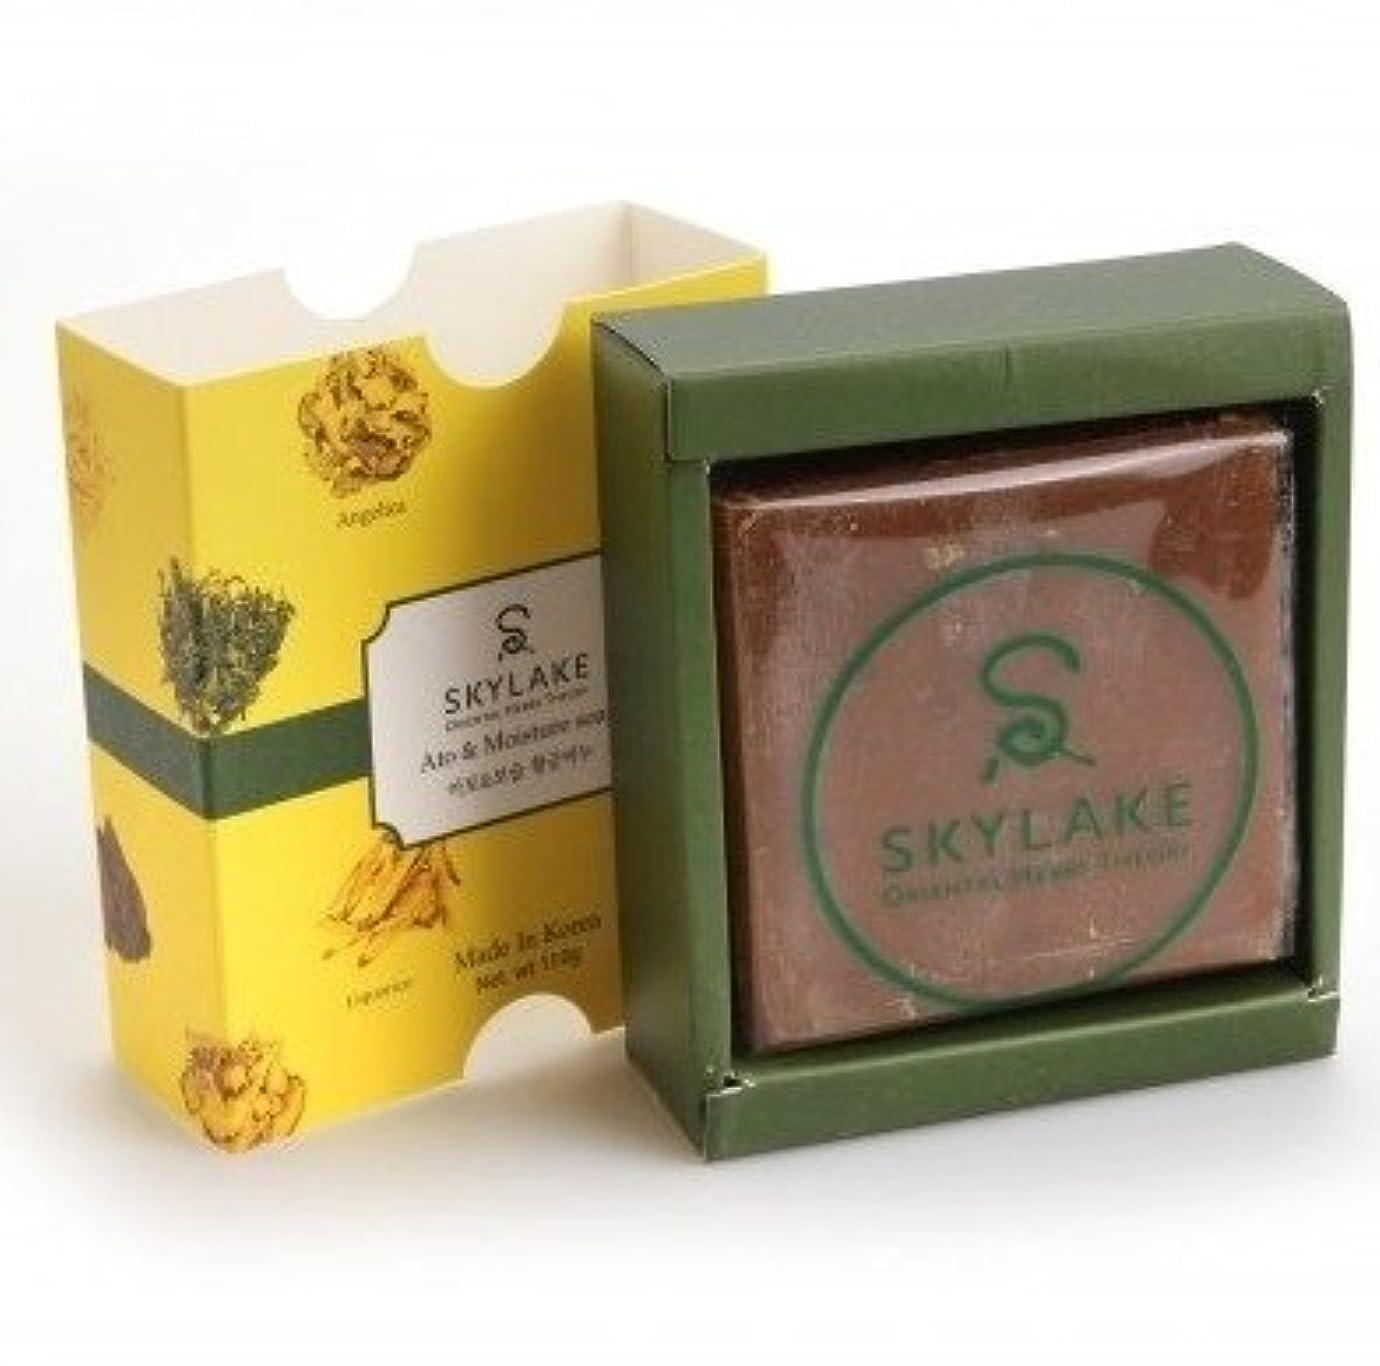 爆発物分析的嬉しいです[1+1]ハヌルホス[Skylake] 漢方アロマ石鹸Oriental Herbs Theory Soap (アト?保湿用)